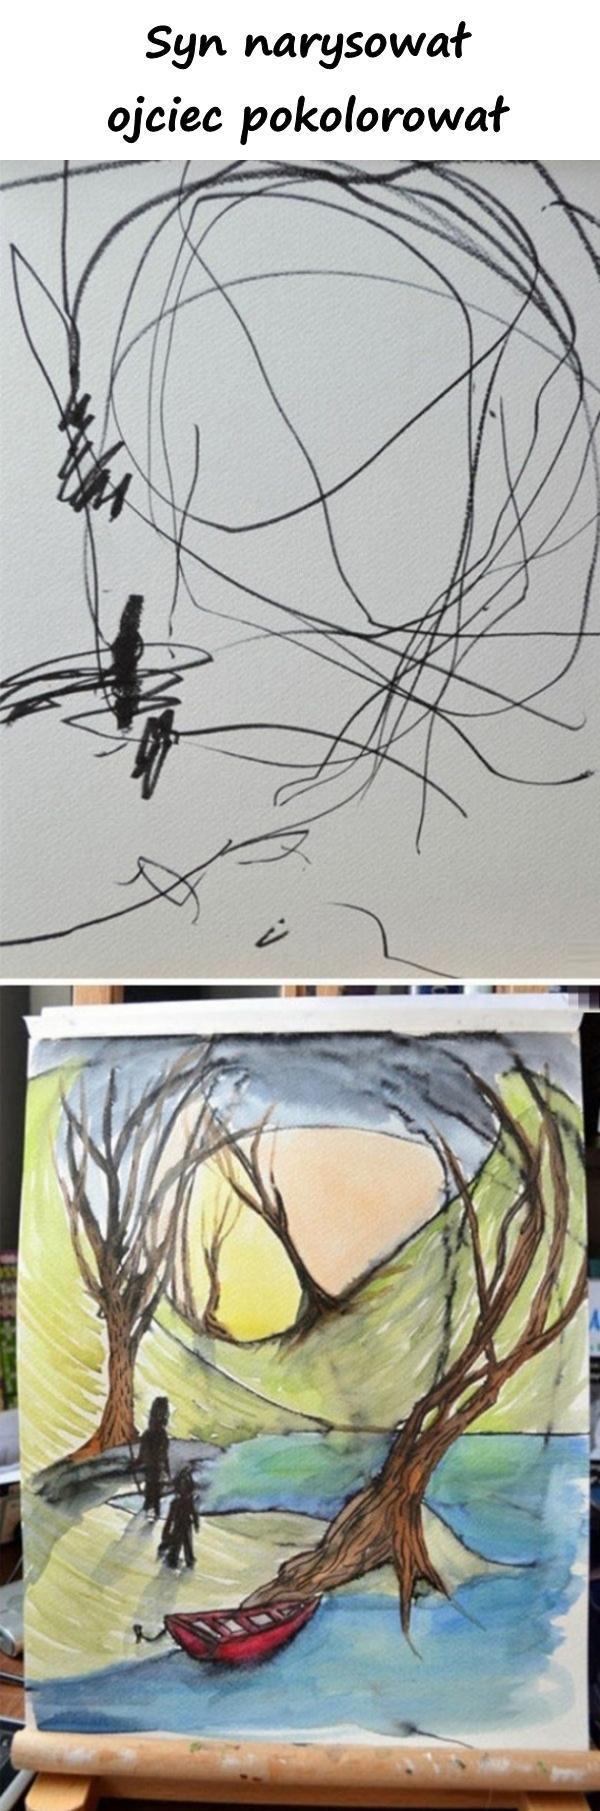 Syn narysował, ojciec pokolorował